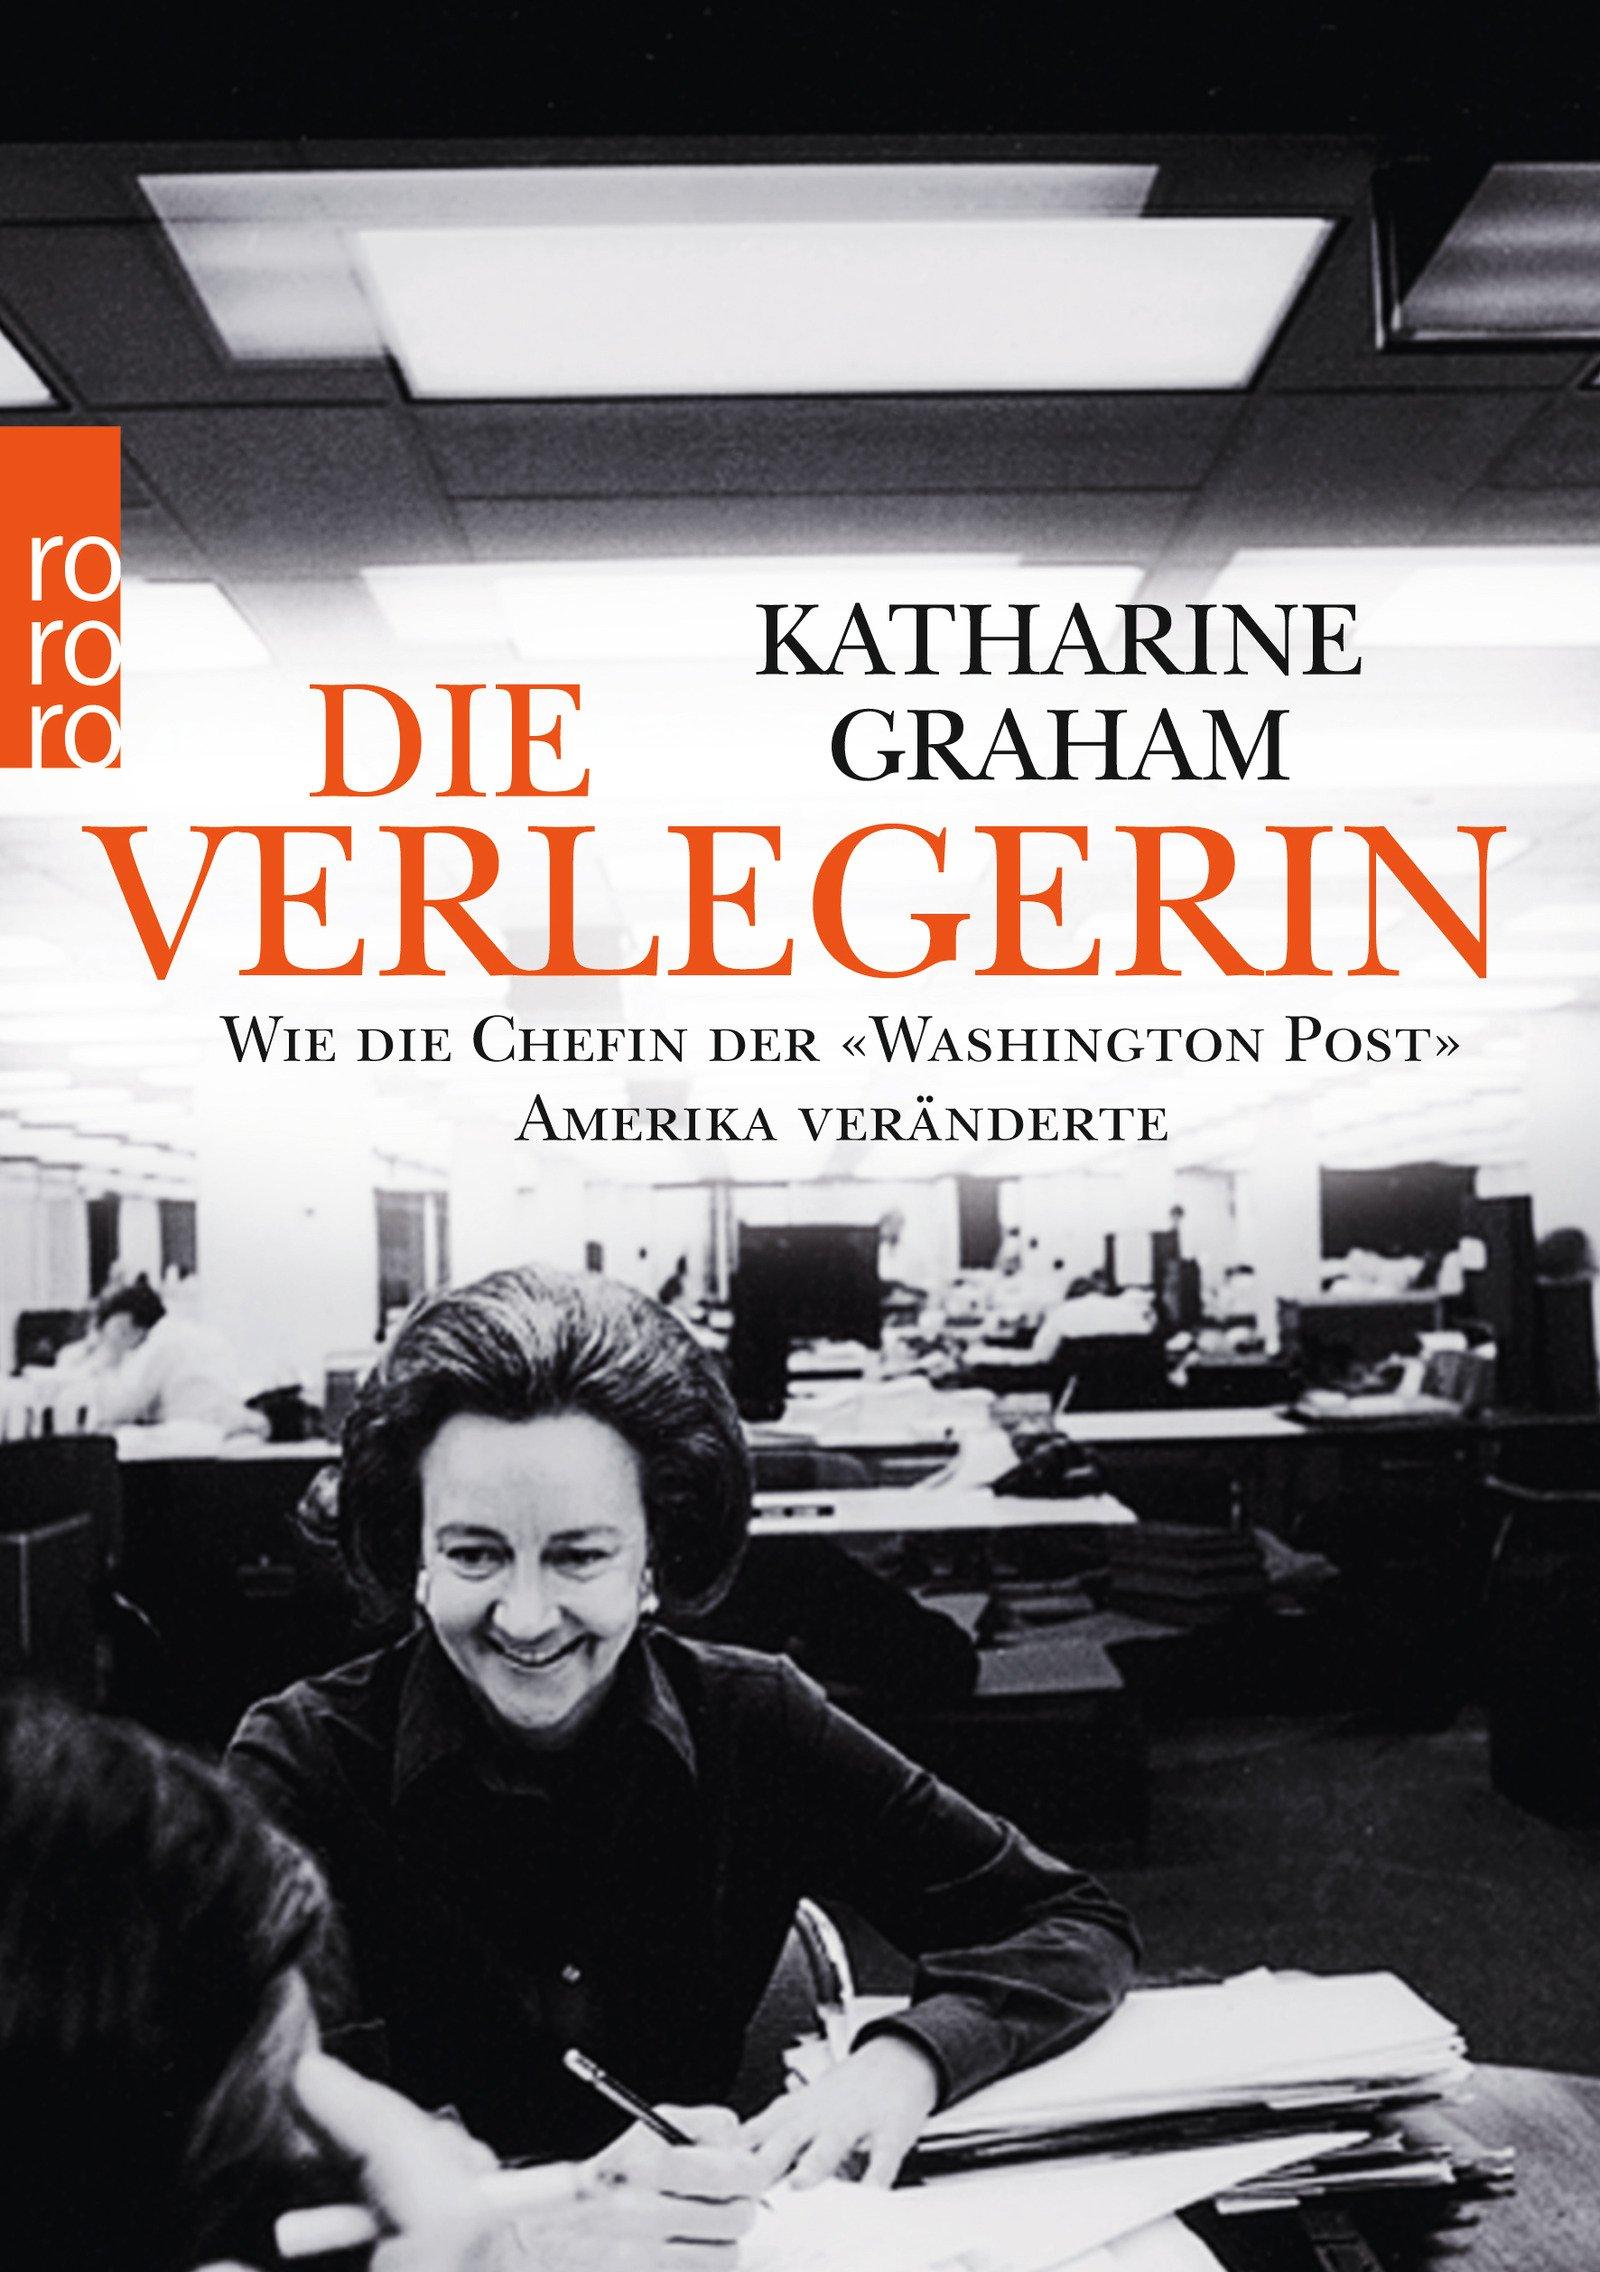 Die Verlegerin: Wie die Chefin der «Washington Post» Amerika veränderte Taschenbuch – 22. Februar 2018 Katharine Graham Henning Thies Rowohlt Taschenbuch 3499634147